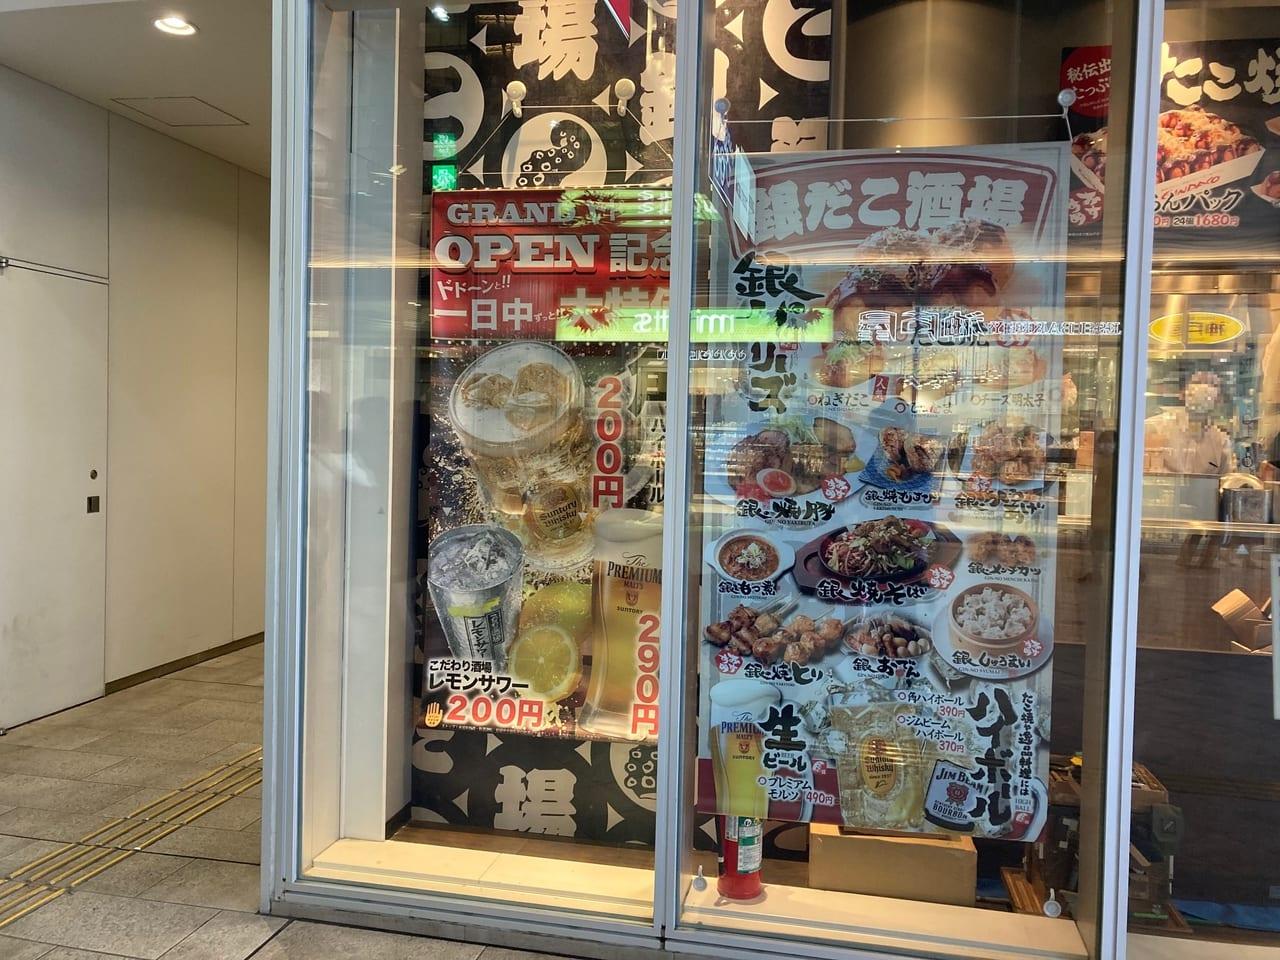 待ってました!『銀だこ酒場』が駅ビル(ミーツ国分寺1階)に11月26日(木)オープンしました!